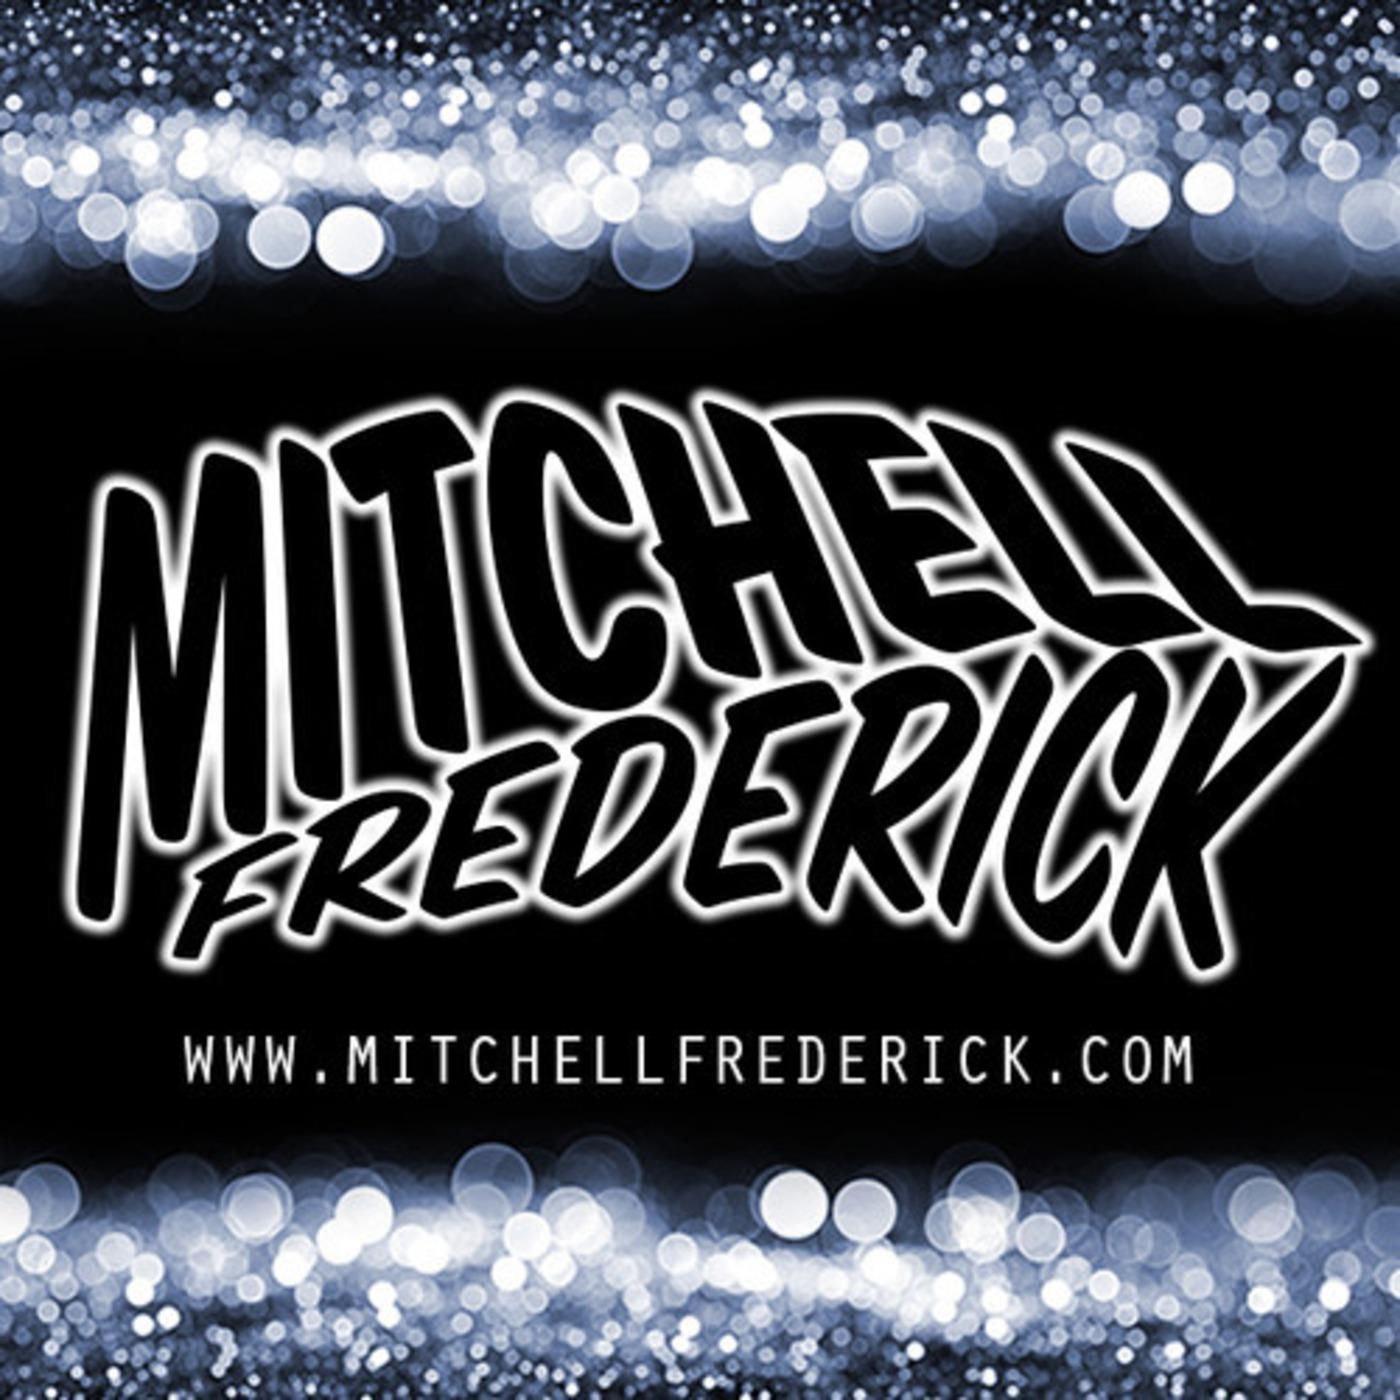 Mitchell Frederick - Nocturnal Radio